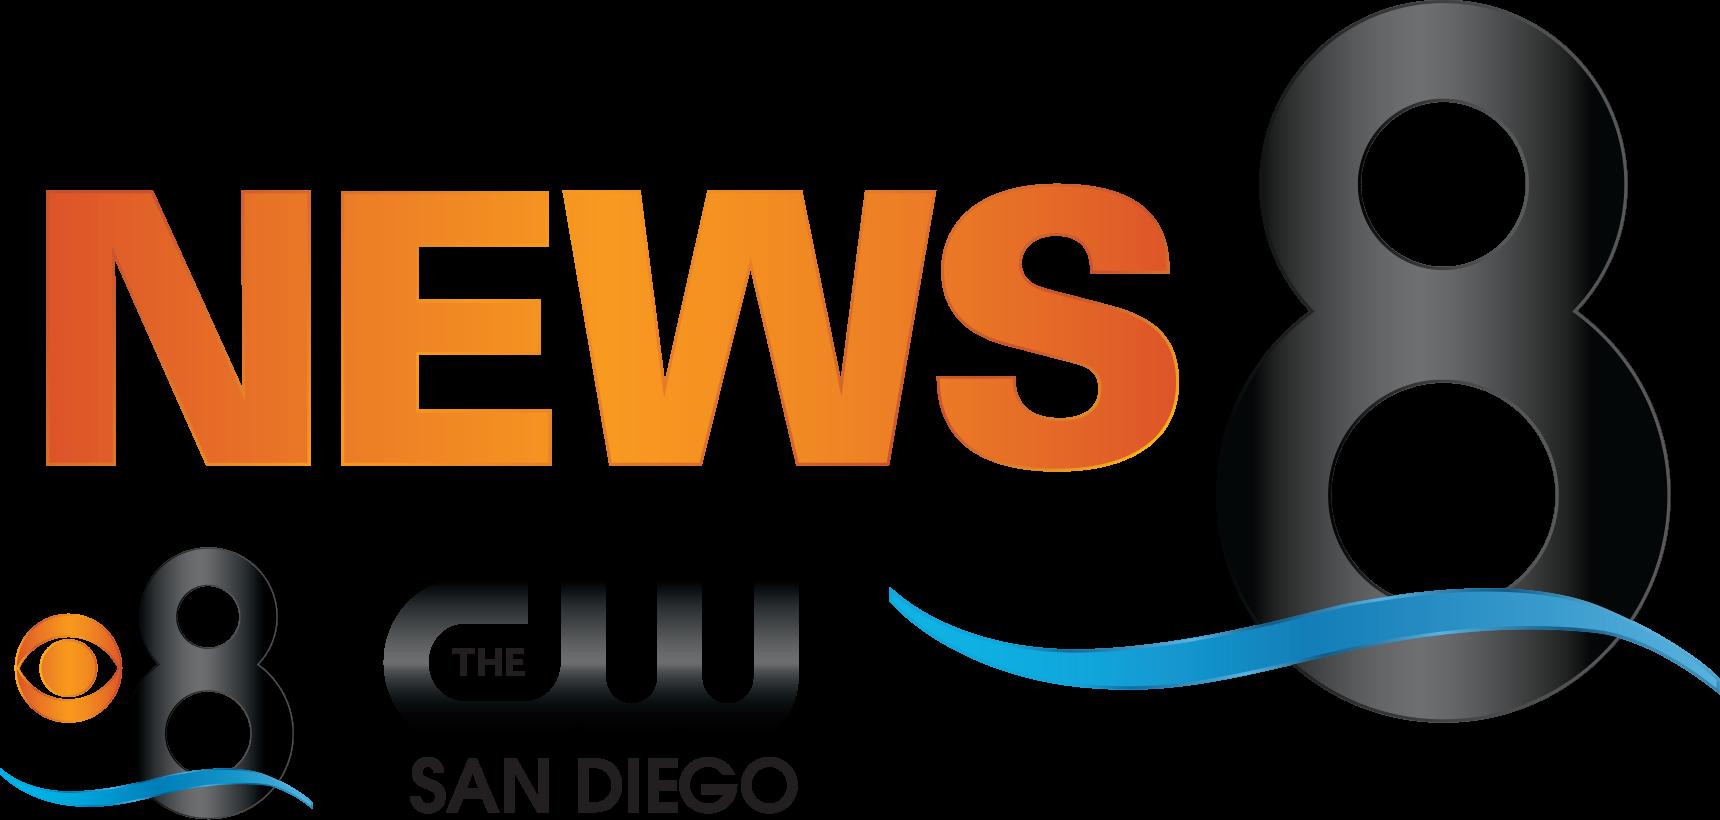 sponsored by news 8 san diego